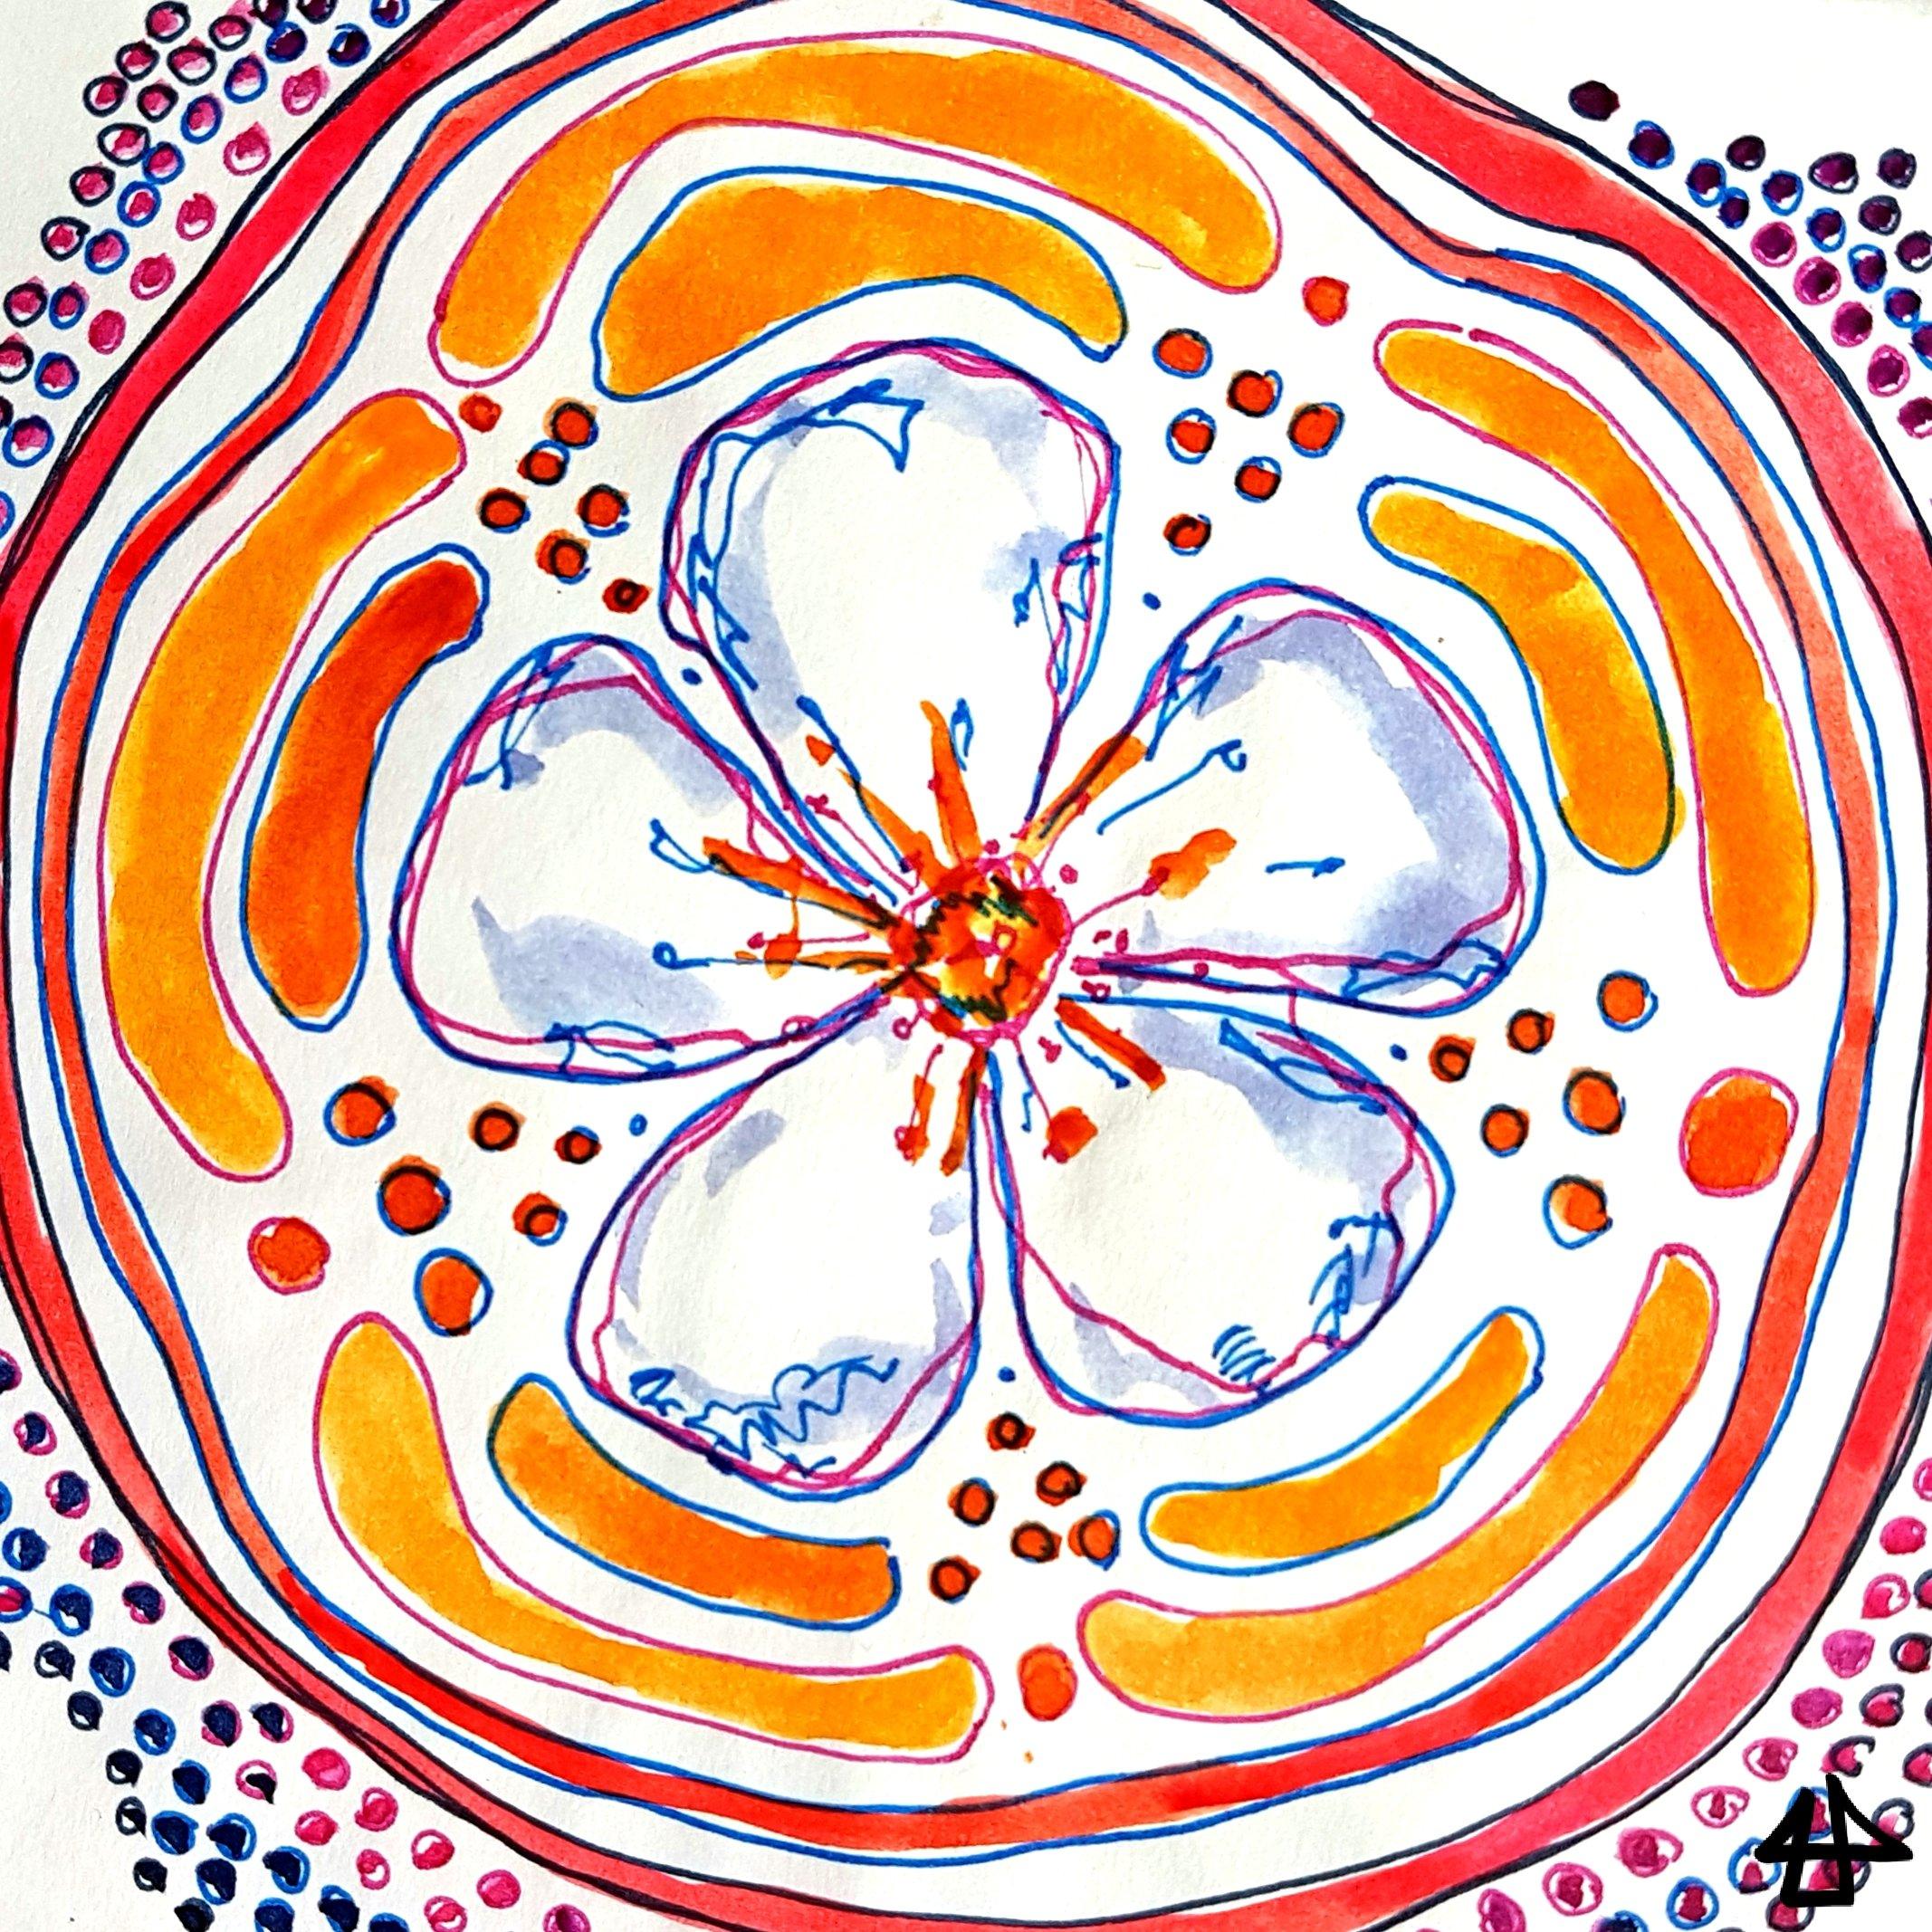 Dekorative, symmetrische Zeichnung. Eine Apfelblüte in der Mitte, umgeben von Punkten und Symbolen, Fineliner und Aquarell.